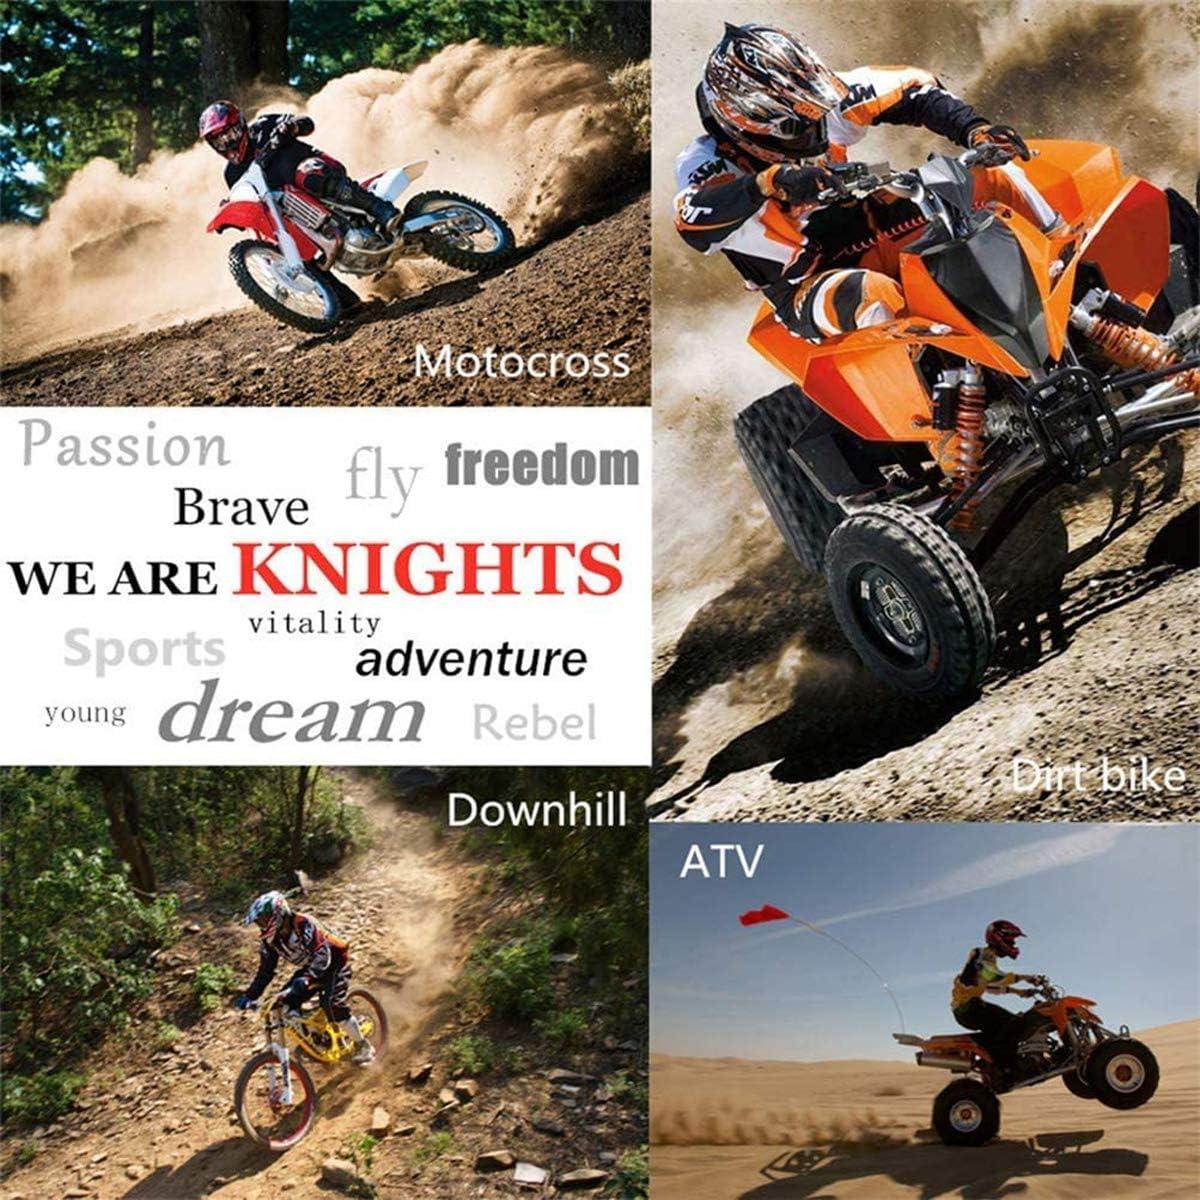 Muccy Caschi da Moto Motocross Rosa Donne Bambini Quad Bike ATV Go Karting Casco di Sicurezza con Occhiali Maschera Guanti Protettivi Casco Cross//off-Road per Enduro MX BMX Quad